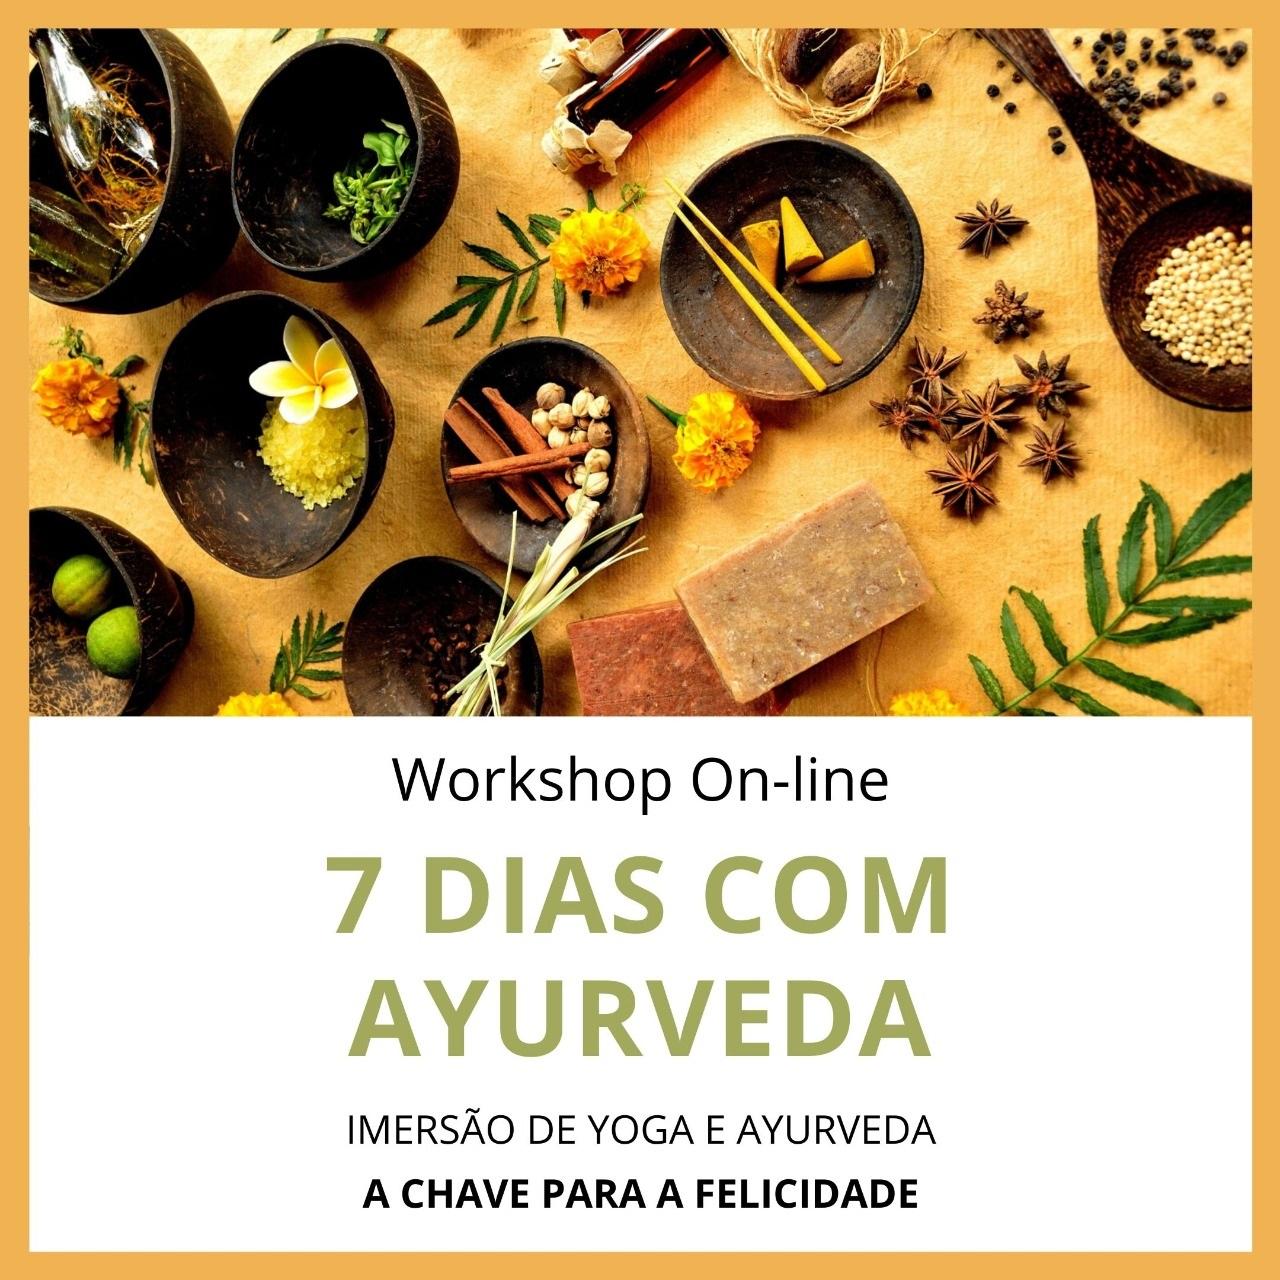 7 dias com Ayurveda